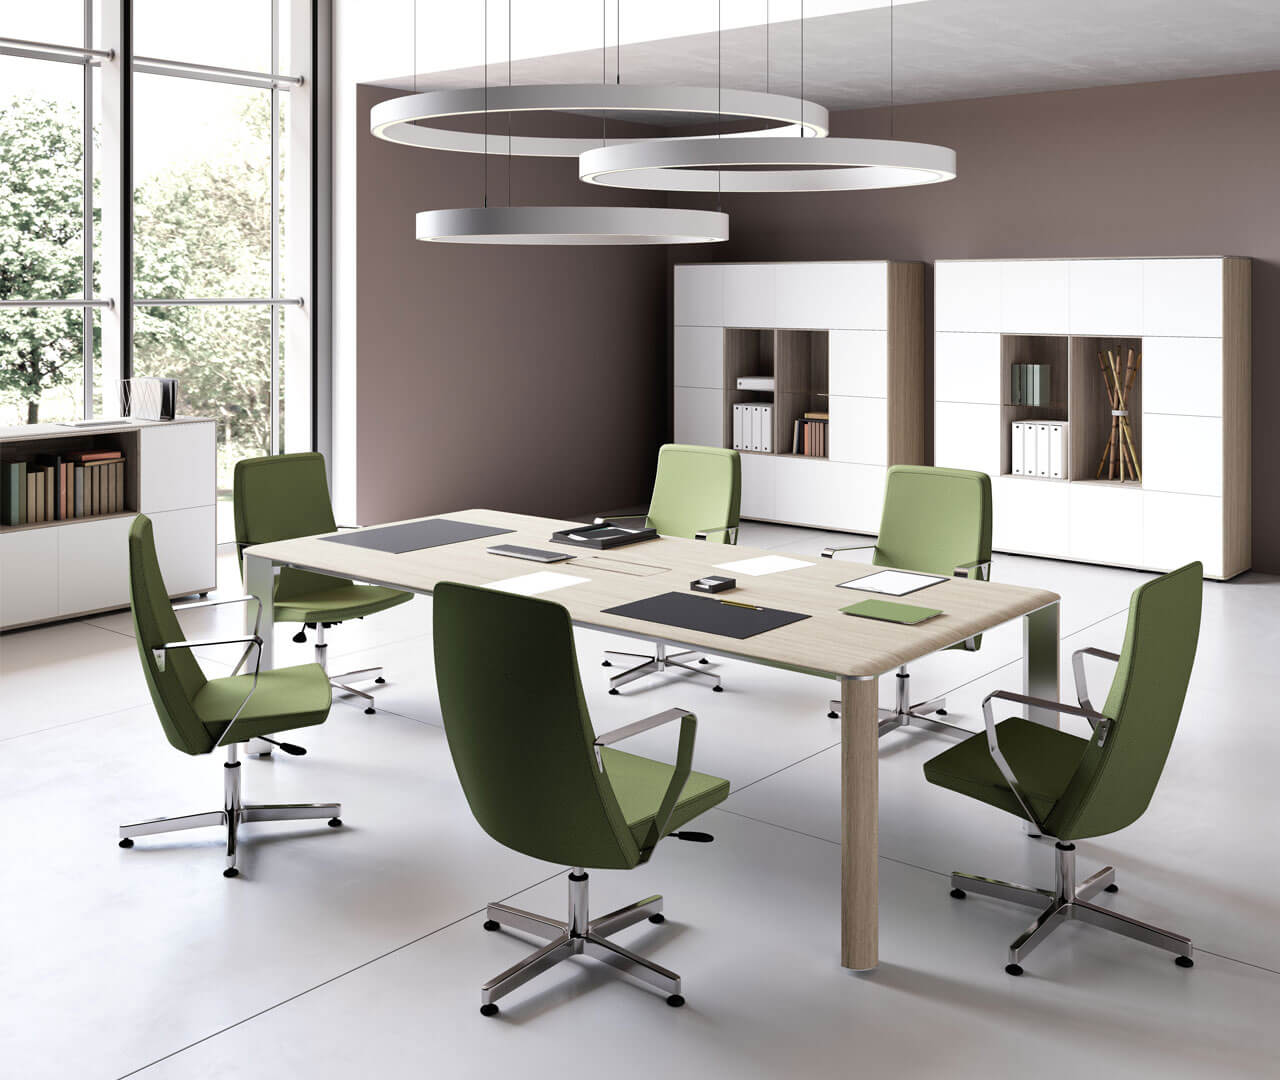 Mobili per ufficio vendita mobili ufficio gallarate for Aziende mobili per ufficio